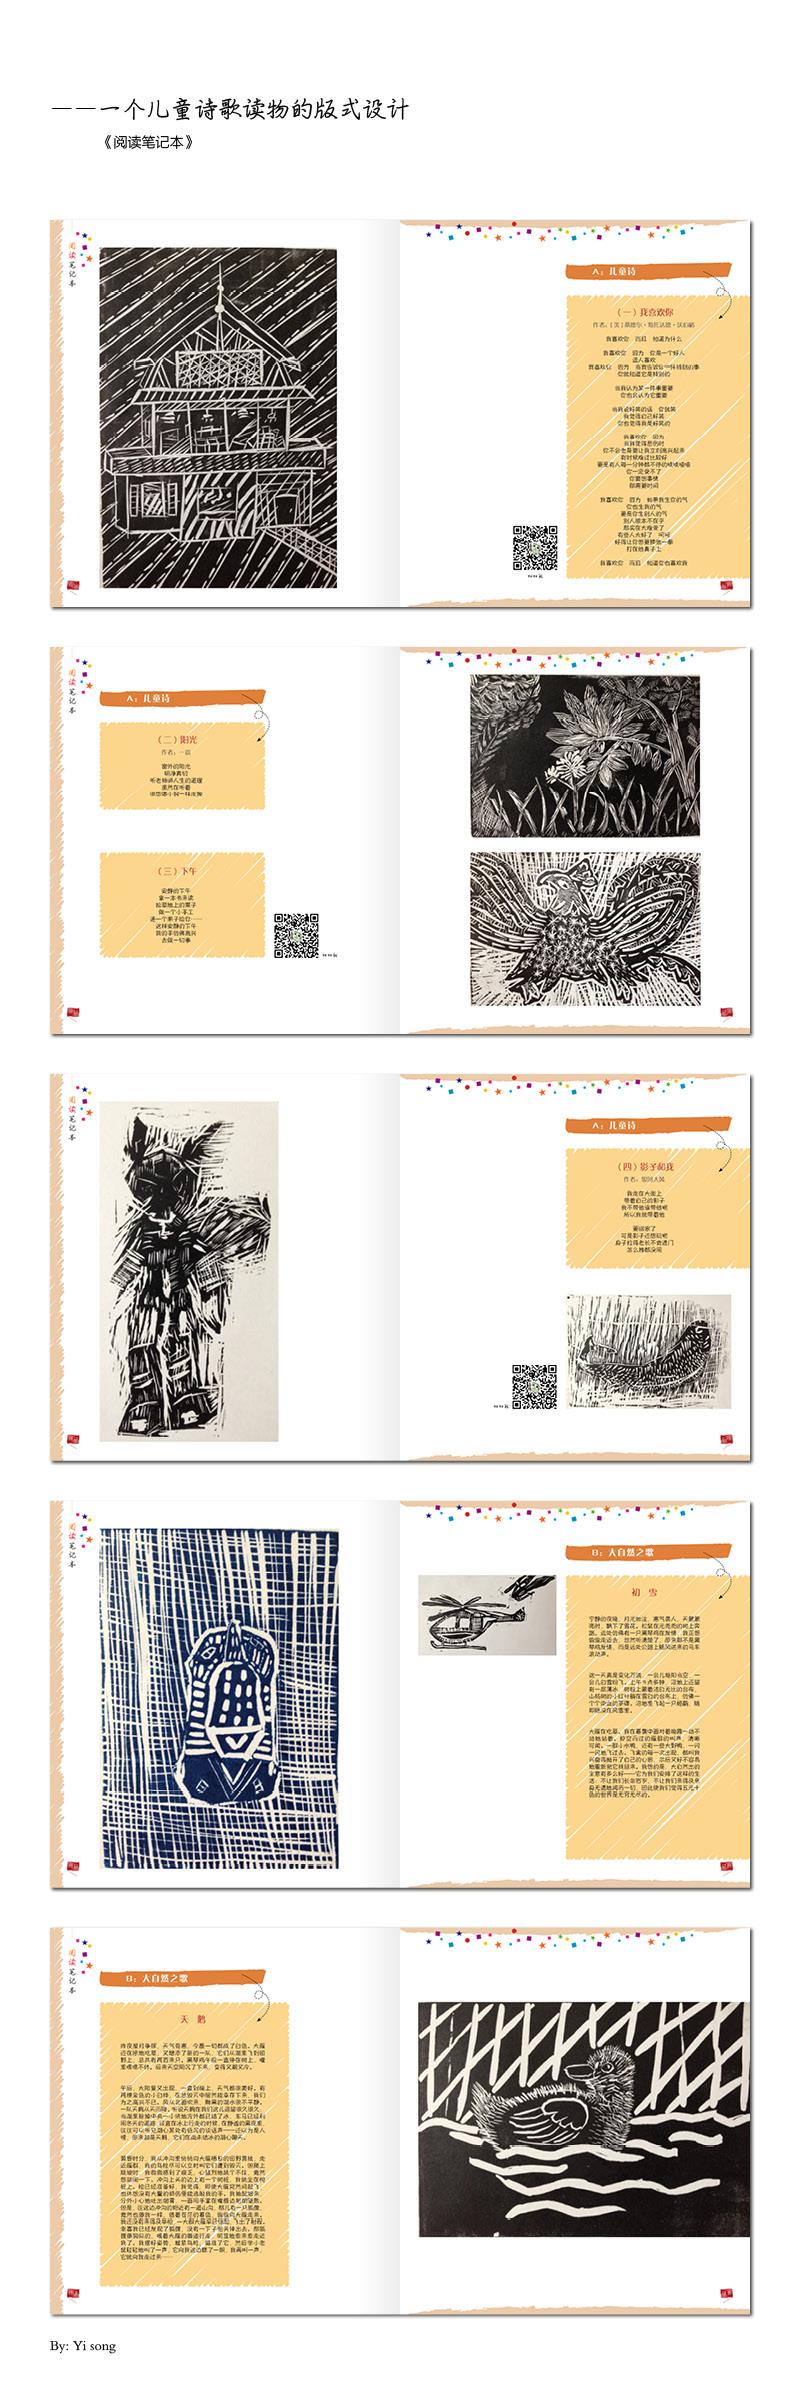 书籍版式整理图片